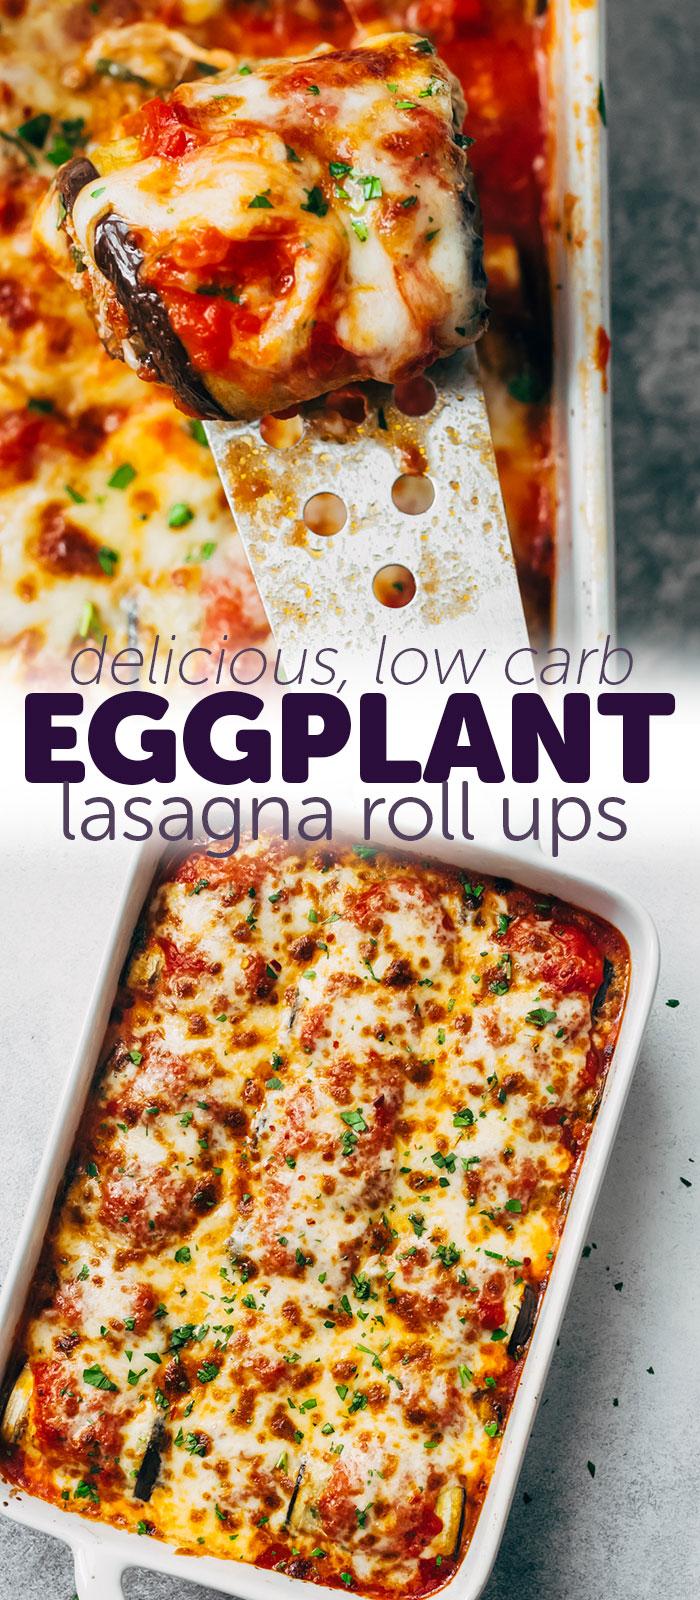 Low Carb Eggplant Lasagna Roll Ups - a healthy and lighter alternative to traditional Lasagna! #lowcarblasagna #eggplantlasagna #eggplantrollups #eggplantlasagnarollups #lowcarbdinnerideas #dinnerrecipes #lowcarbrecipes | Littlespicejar.com